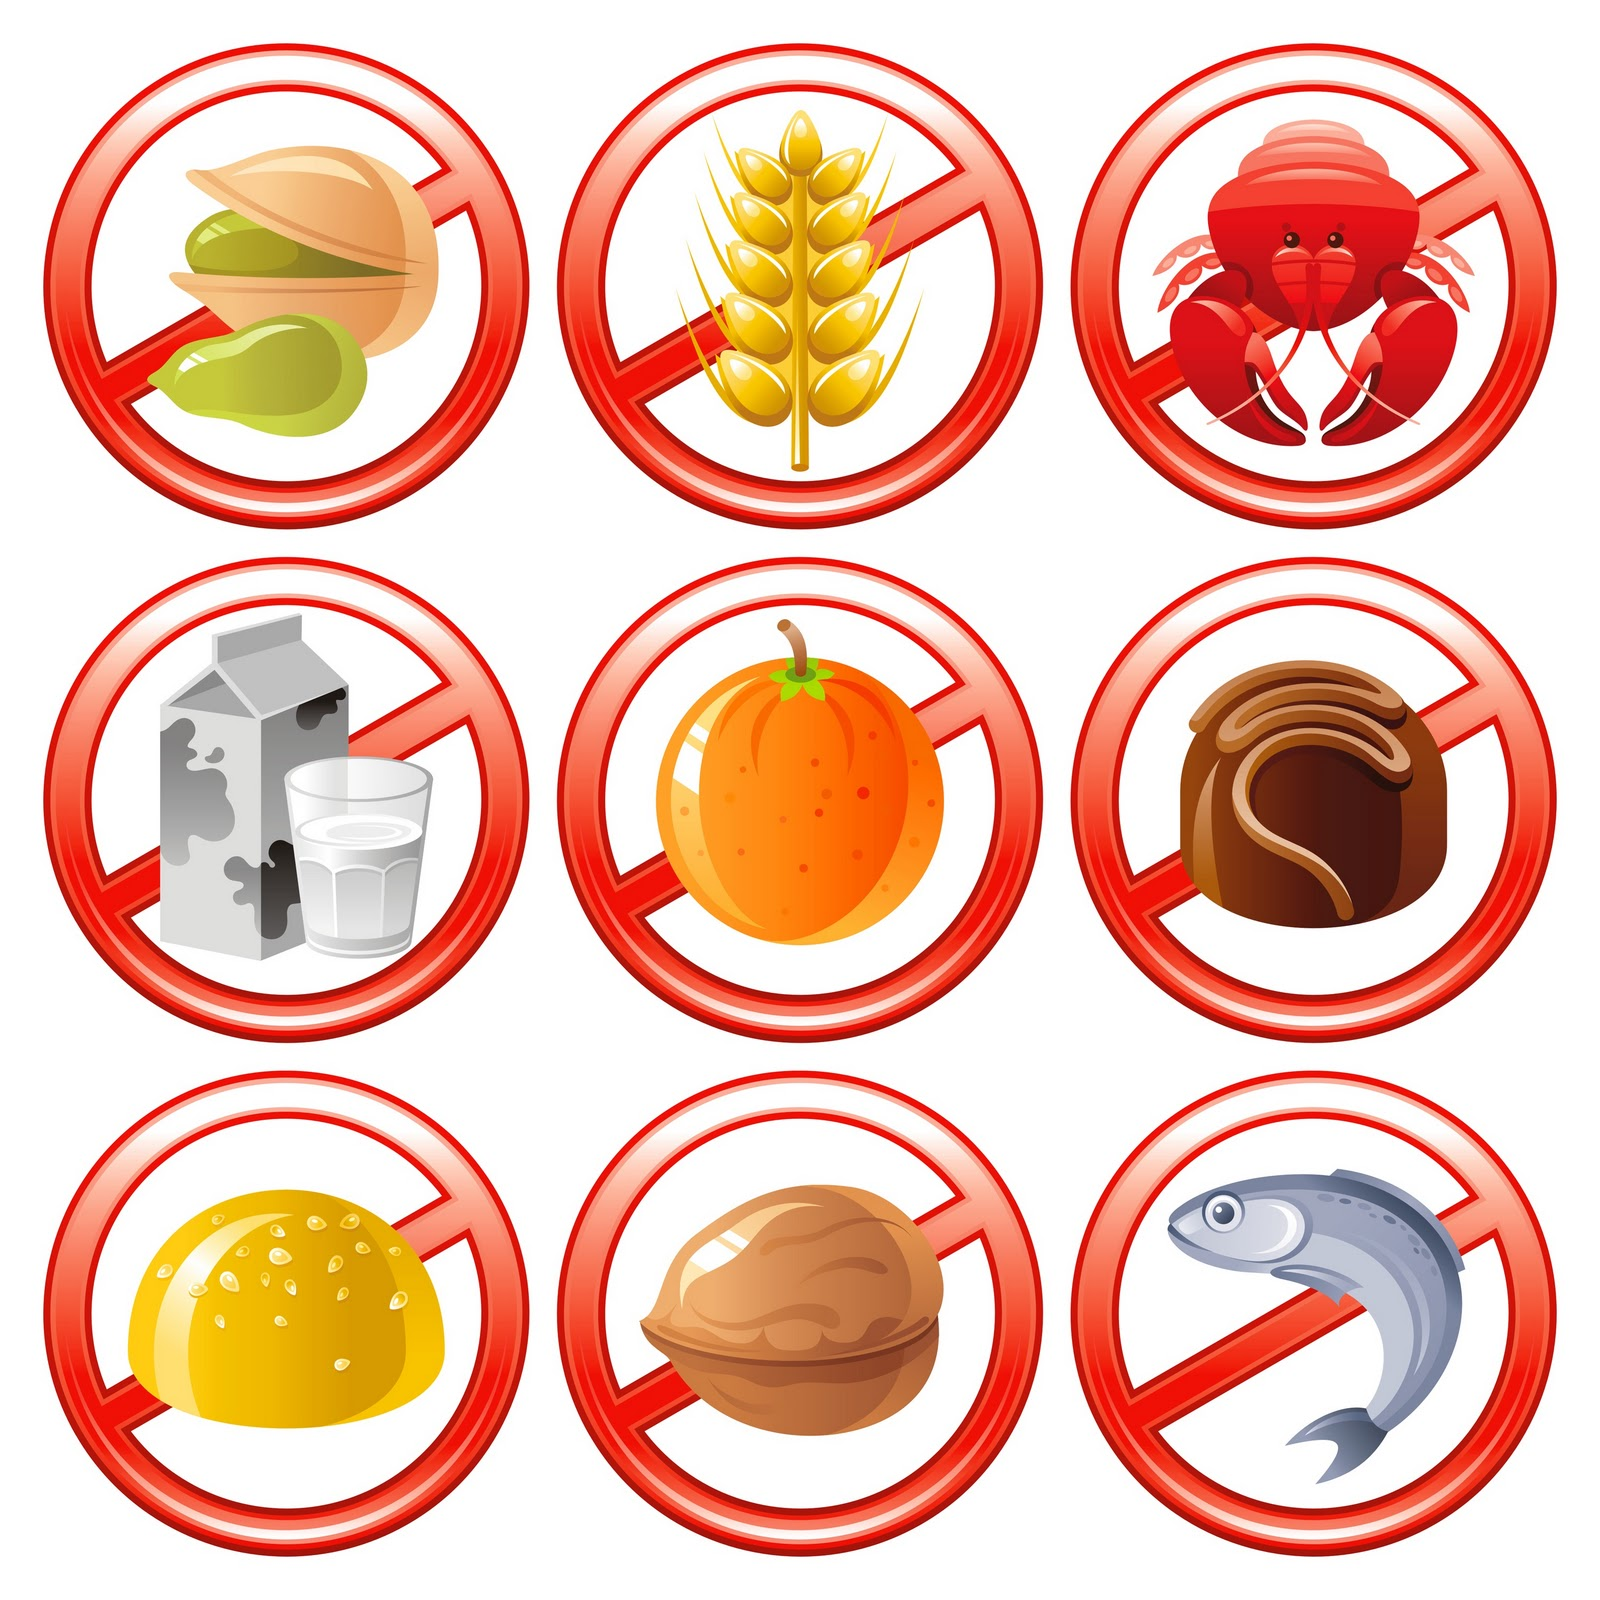 Hranitelni alergii